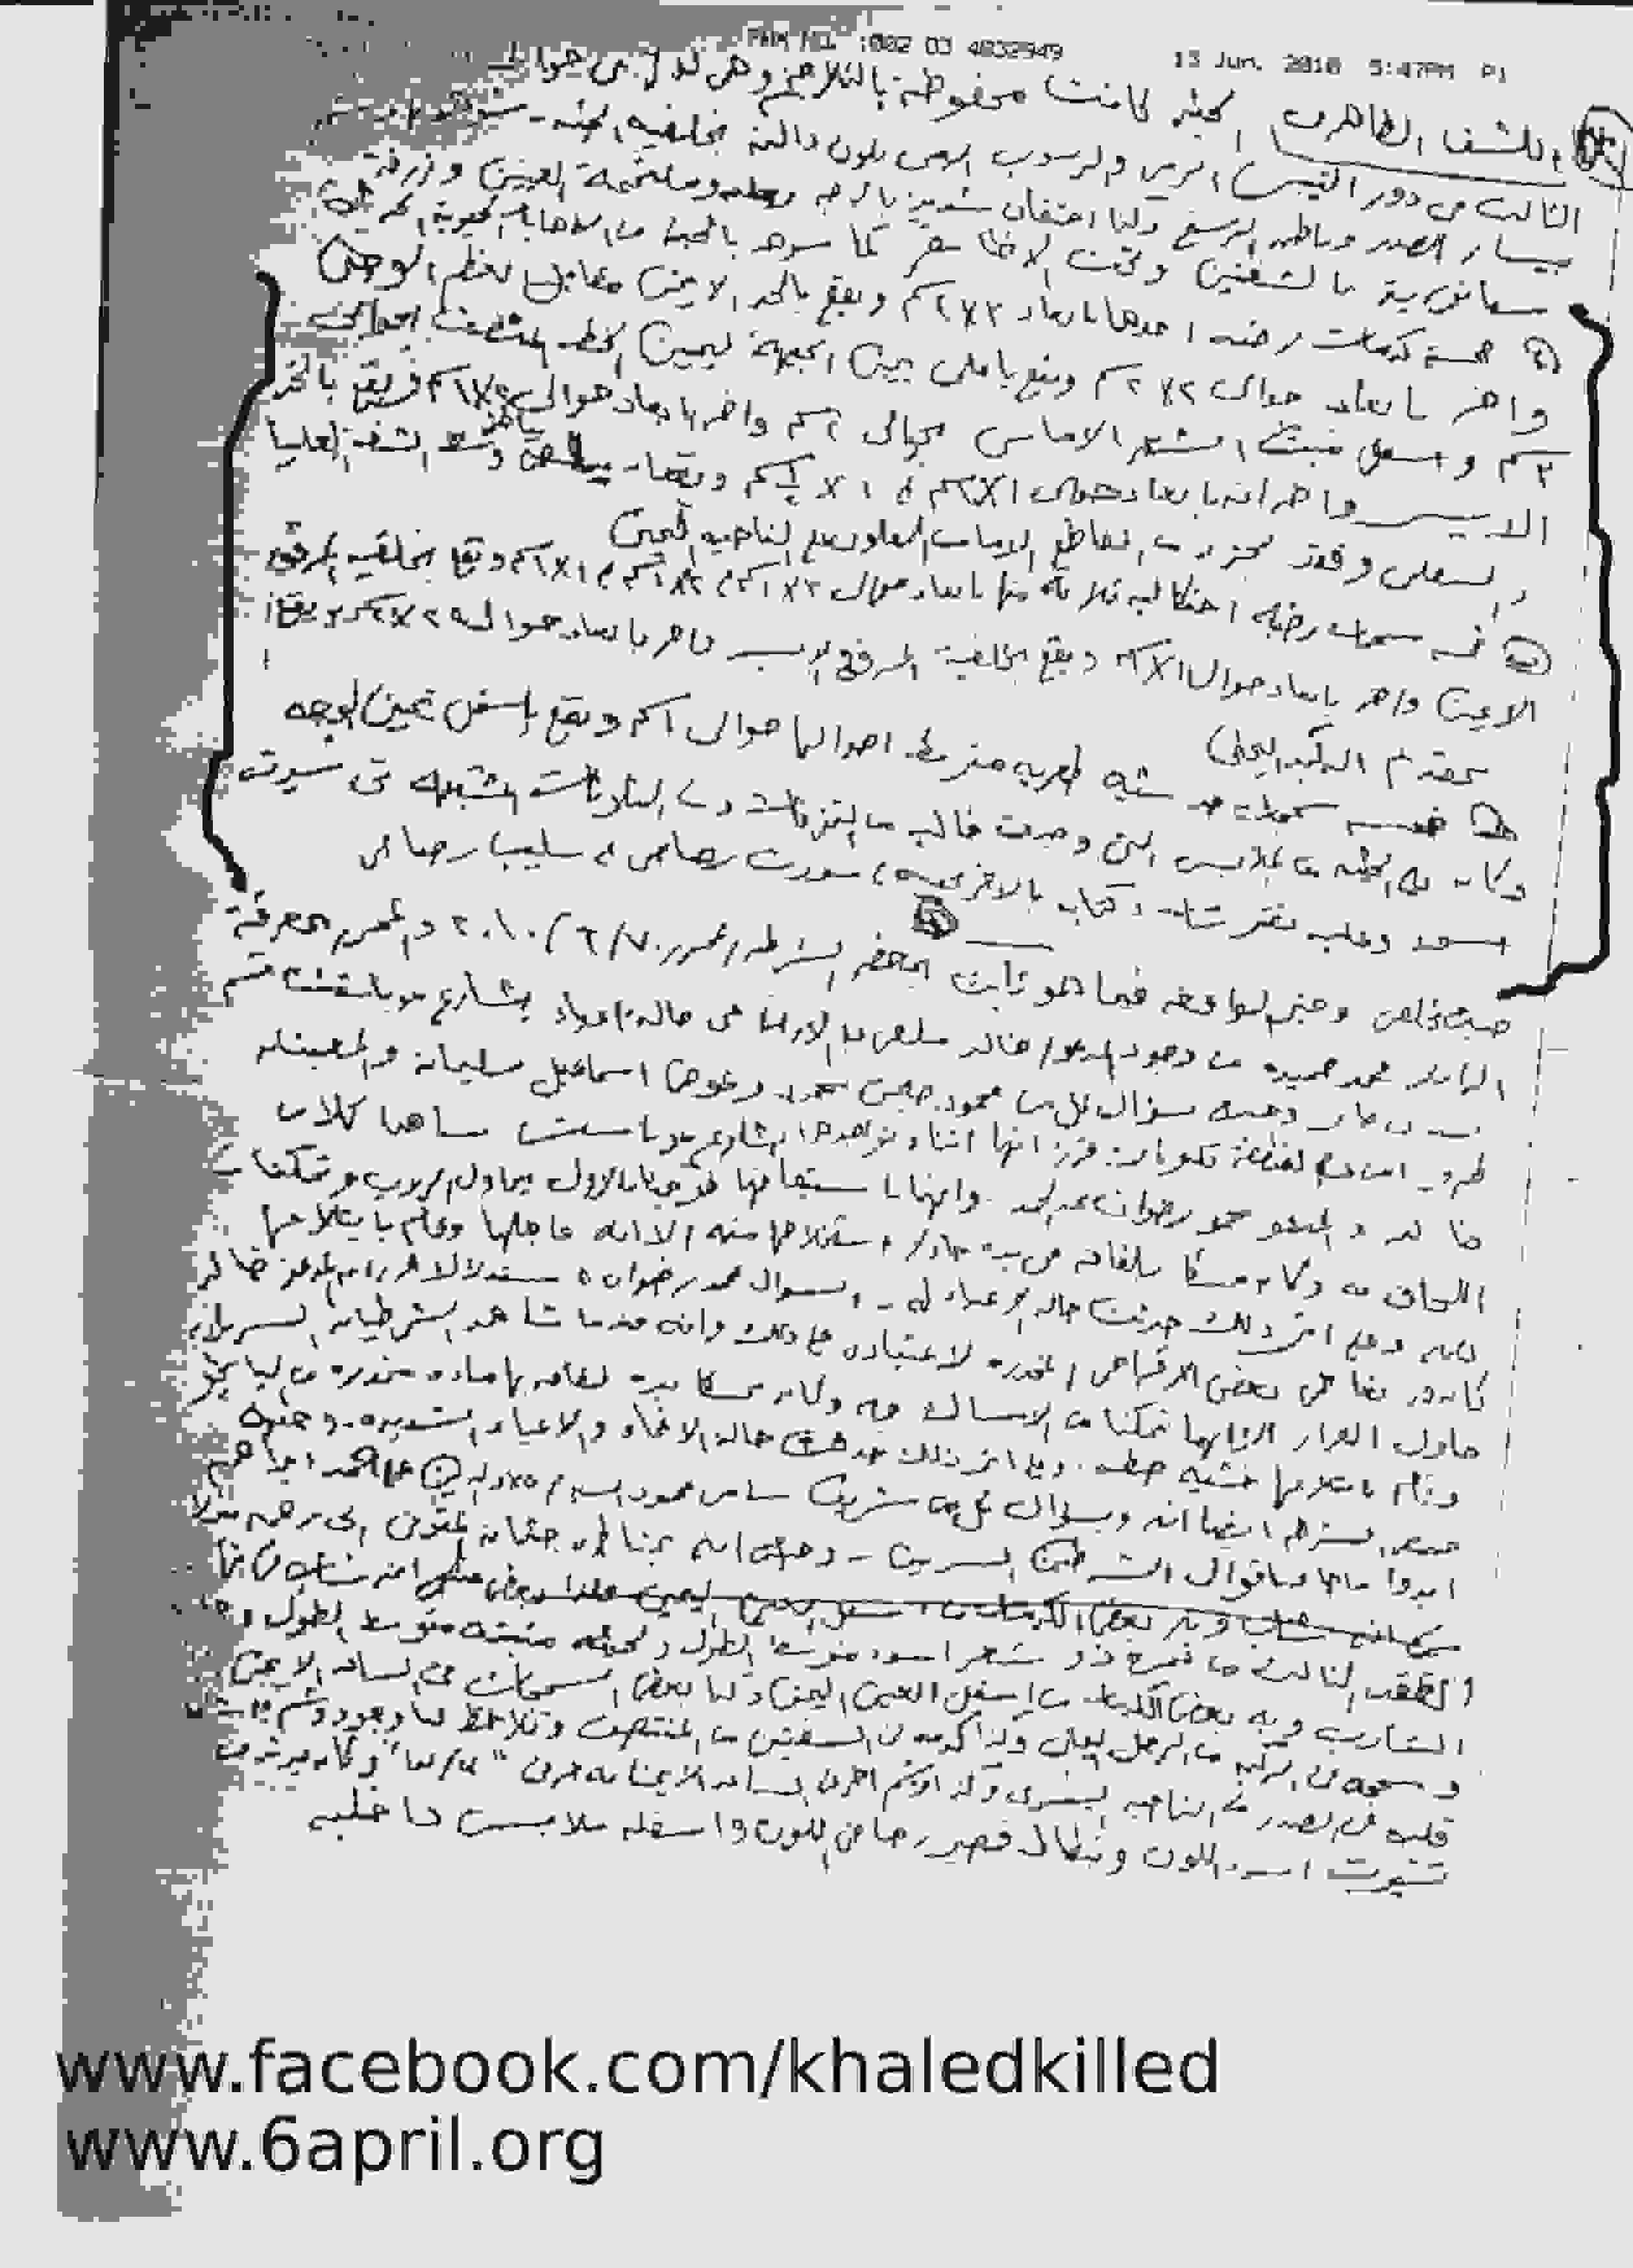 دم خالد مش هيروح هدر Taqrir11